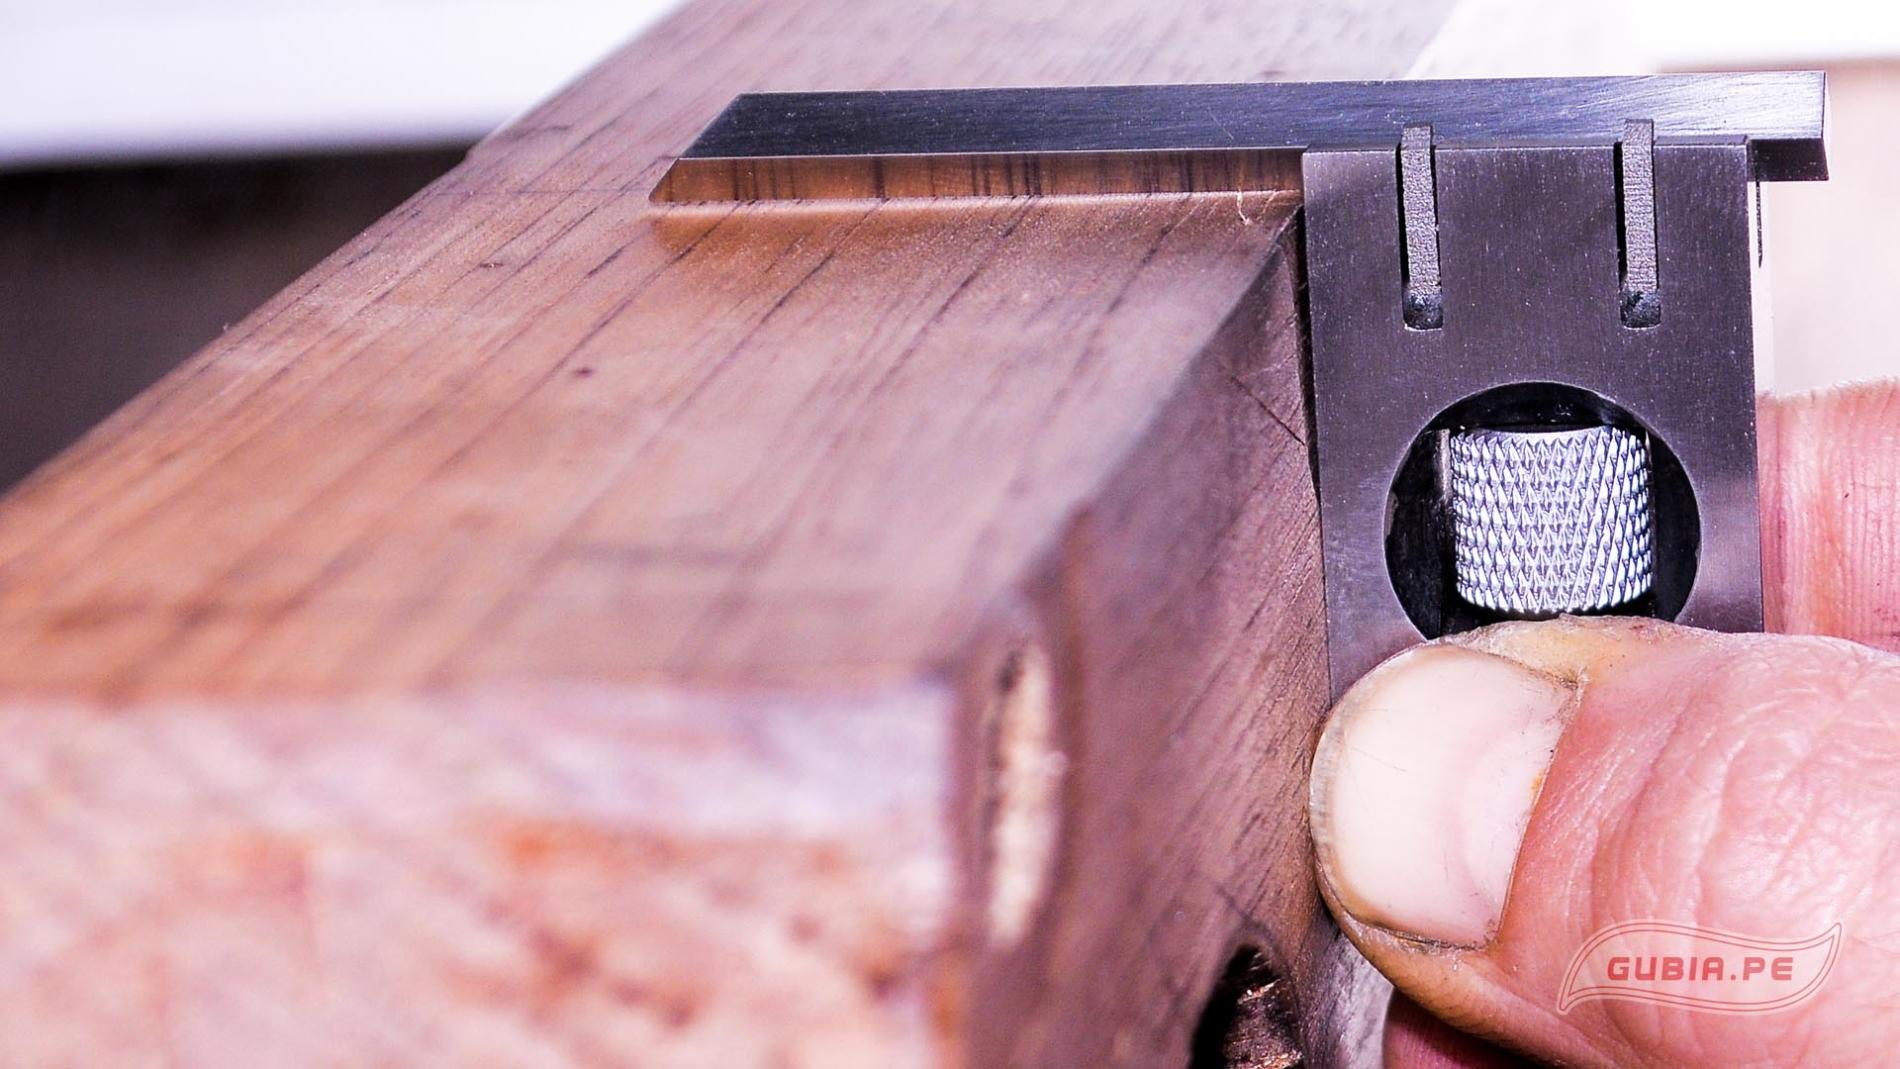 4701-01-Escuadrita ajustable y precisa medir angulo recto uniones caja 6x38 mm INSIZE 4701-01-max-7.